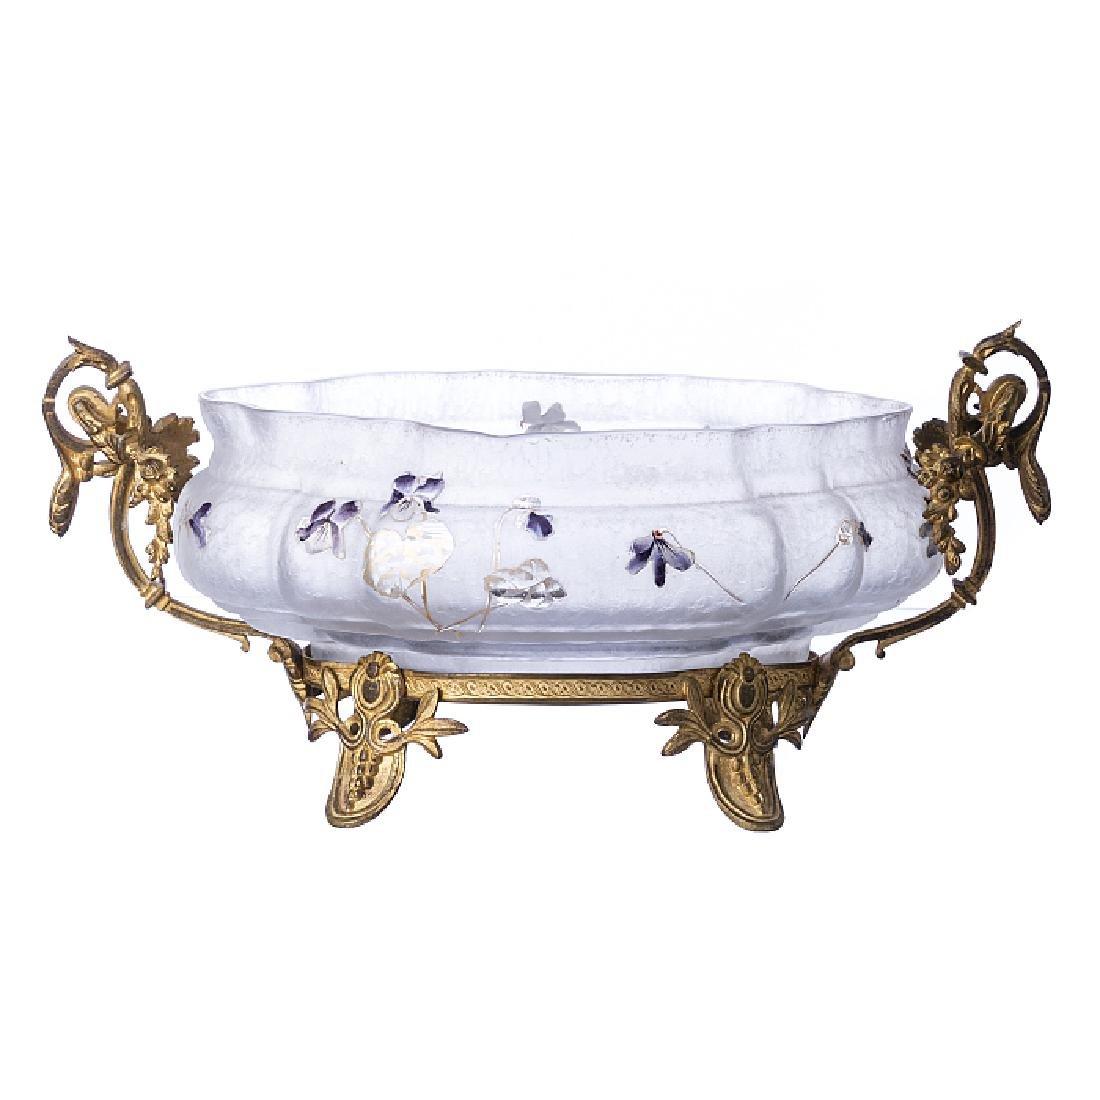 DAUM (Attr.) - Centrepiece in glass, monture in bronze